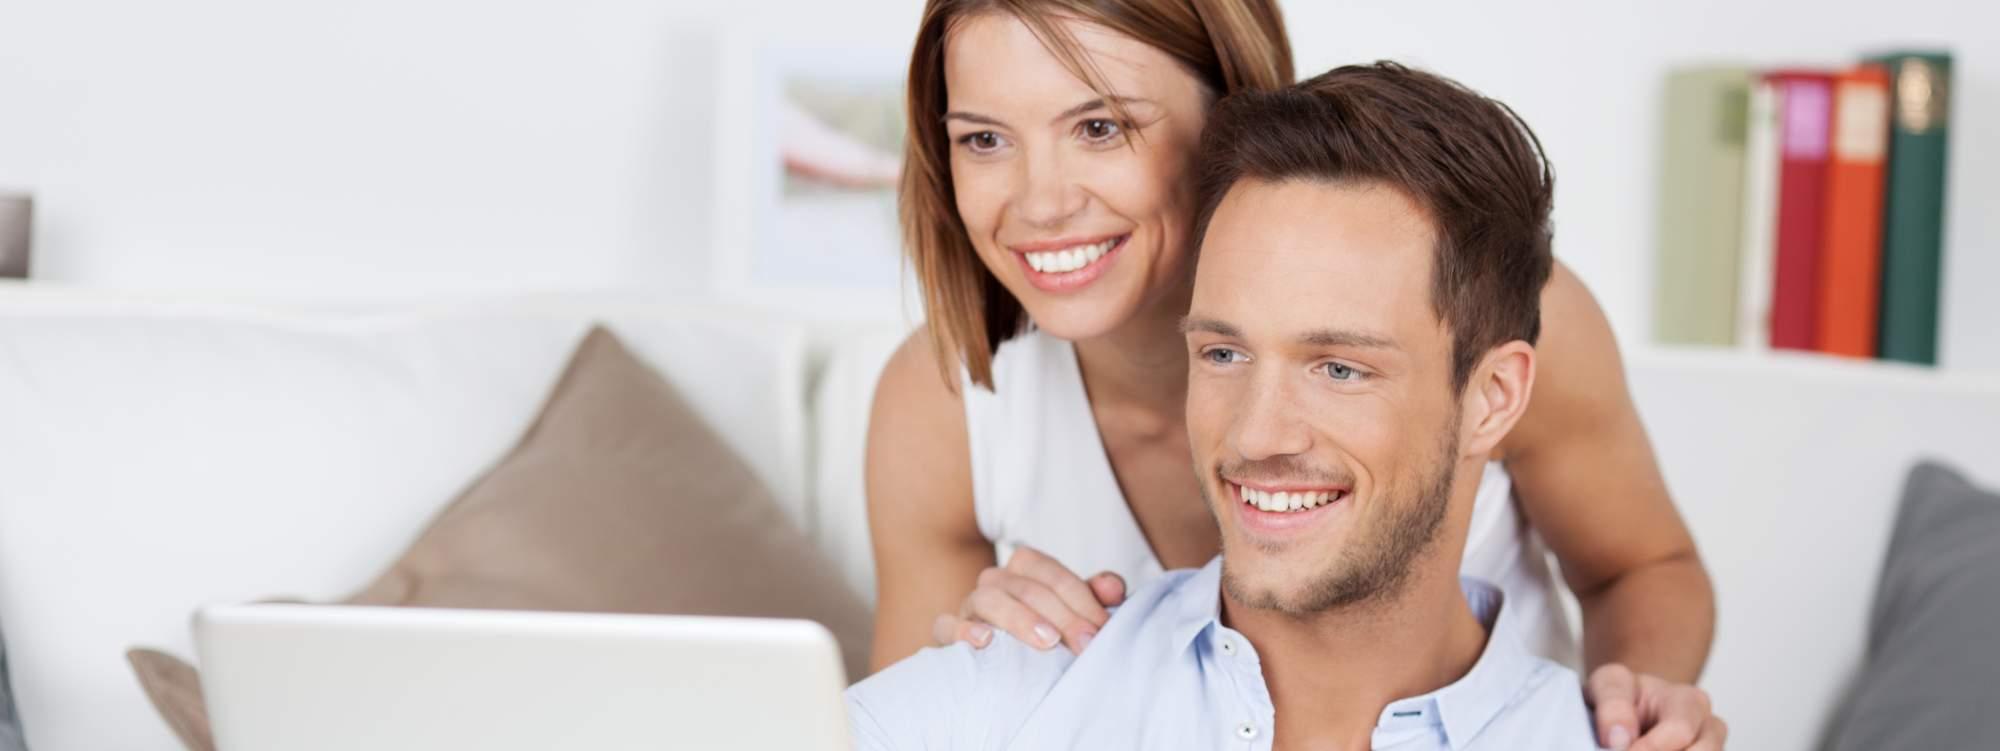 Vente immobilière : Mon expérience dans la vente immobilière